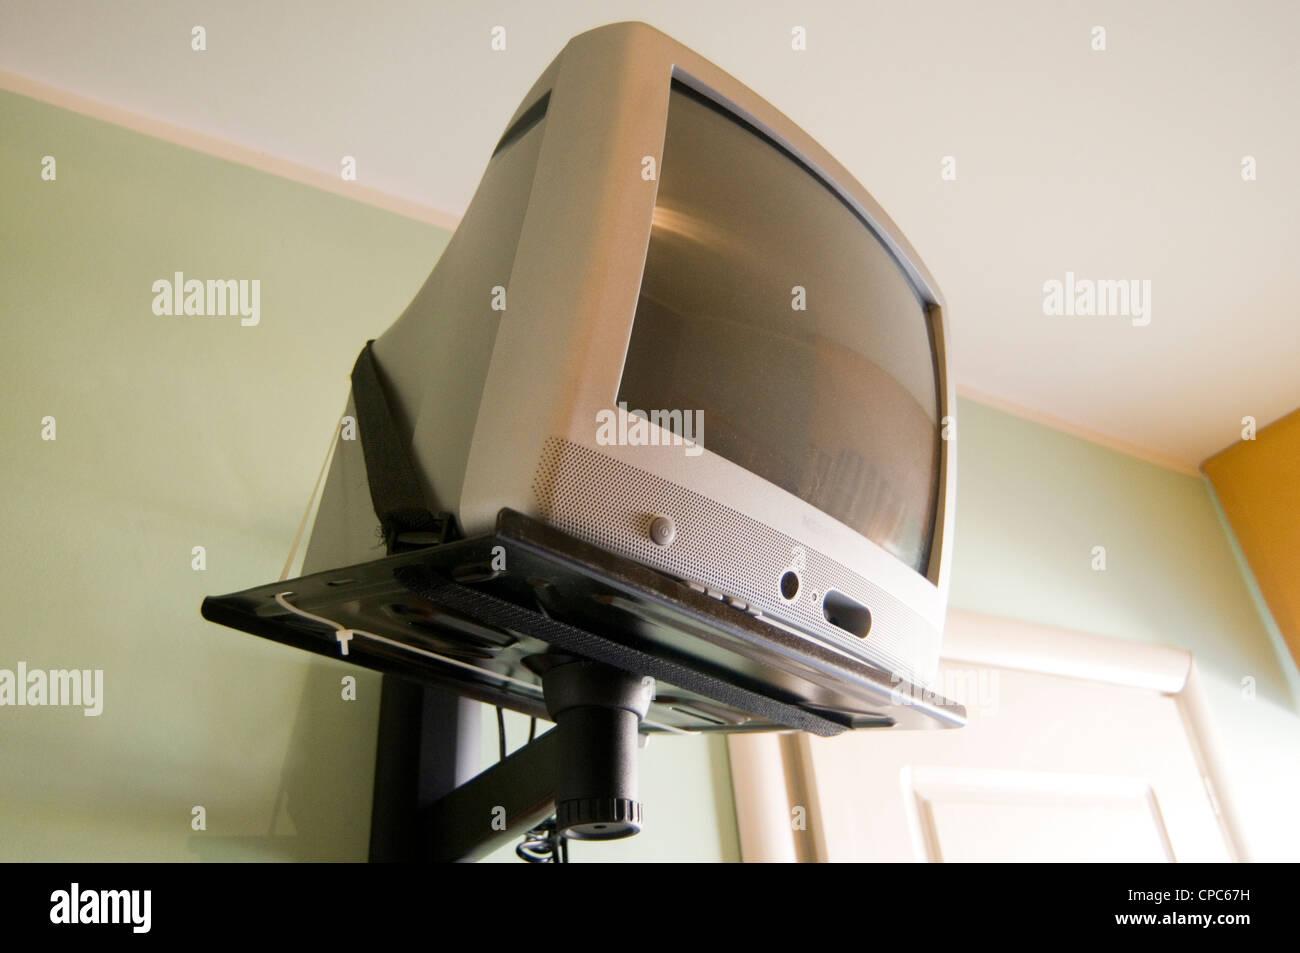 Fernsehröhre Fernsehen TV Fernseher Wand Halterung Klammern Kathodenstrahl  Wand Montage TV Tragbarer Fernseher